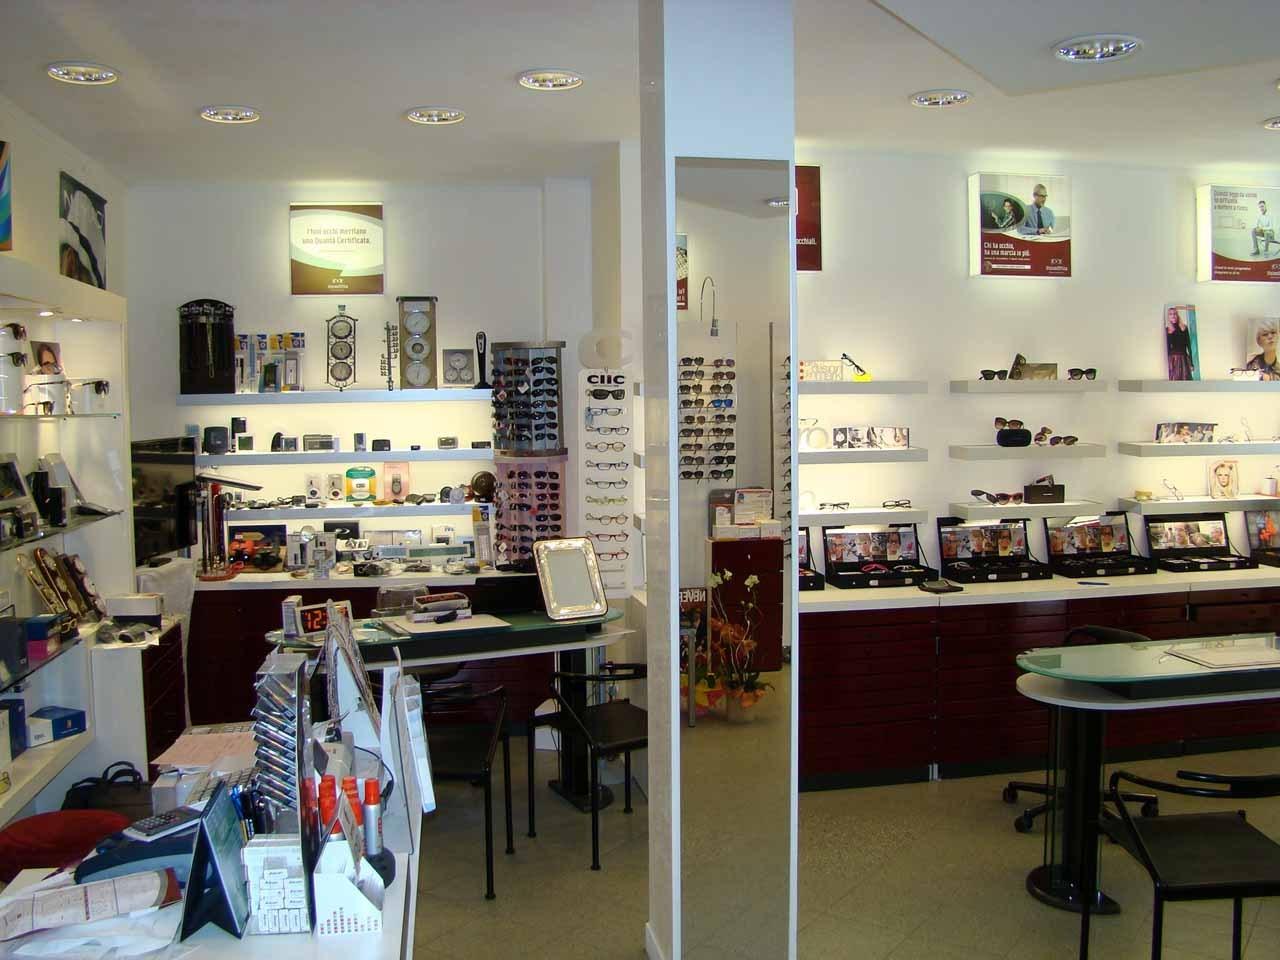 visionottica_biancotto_negozio_ottica[1]